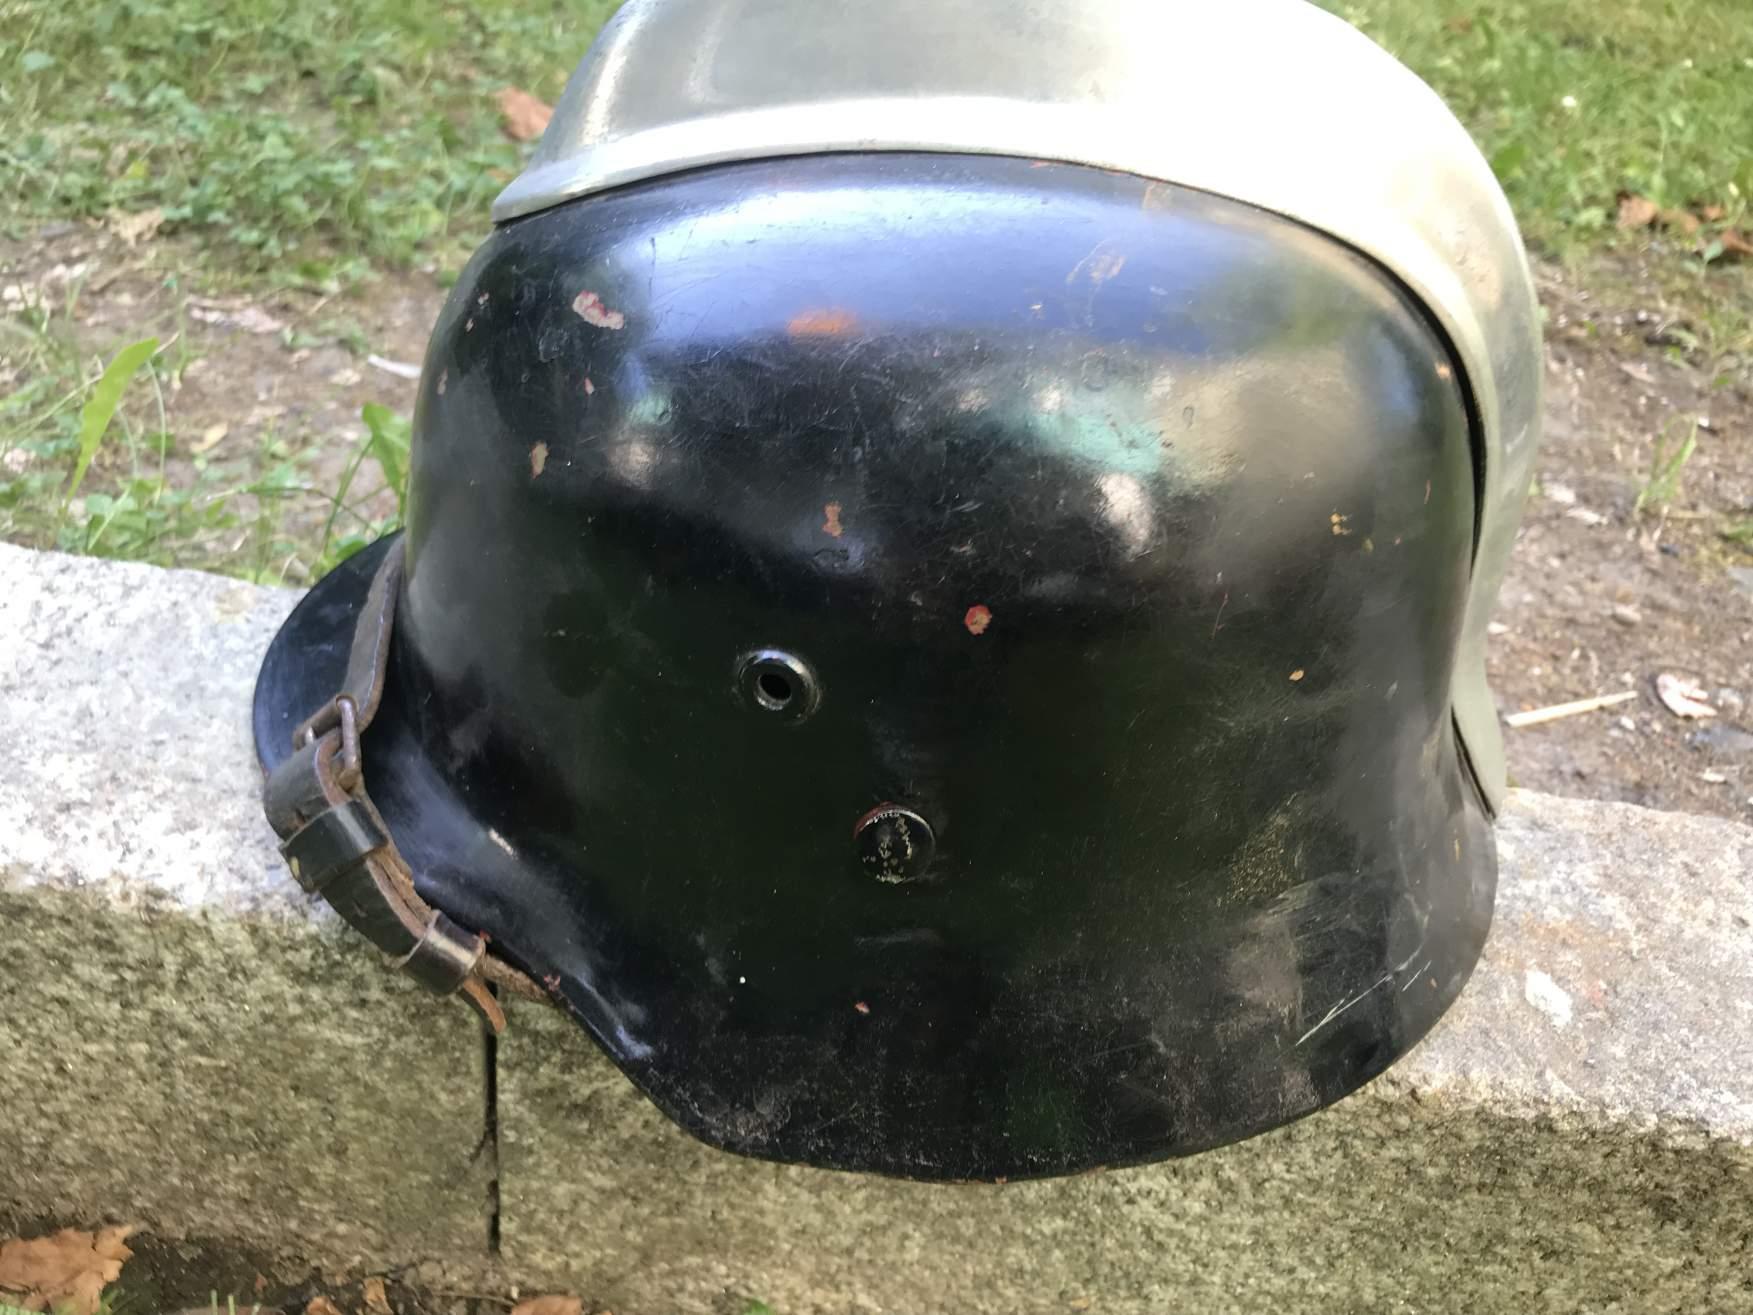 Need help! Original hungarian 35M helmet refurbished by the german